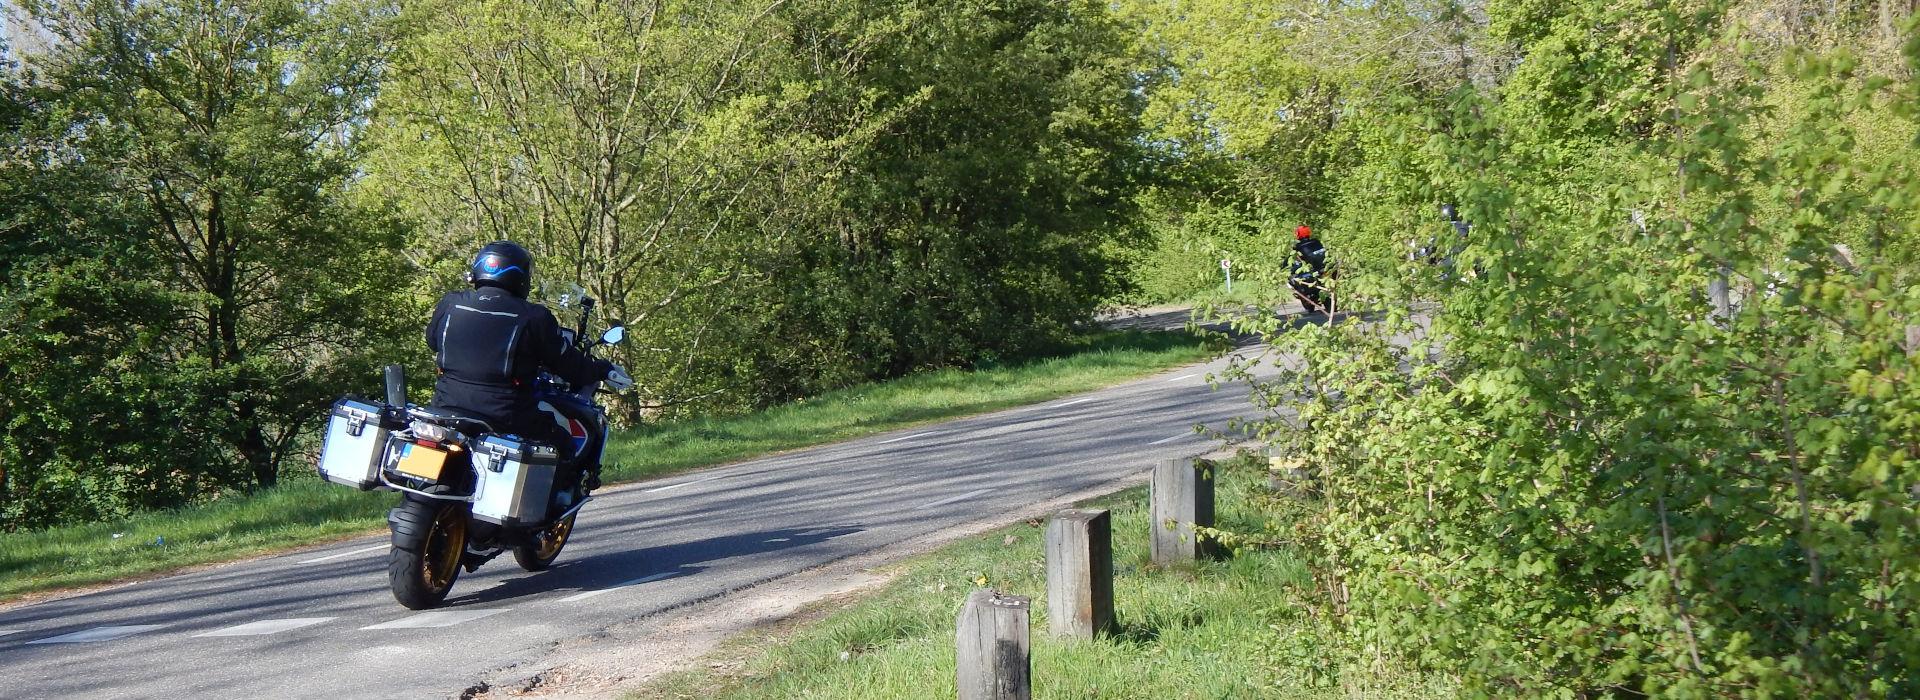 Motorrijbewijspoint Einighausen motorrijlessen